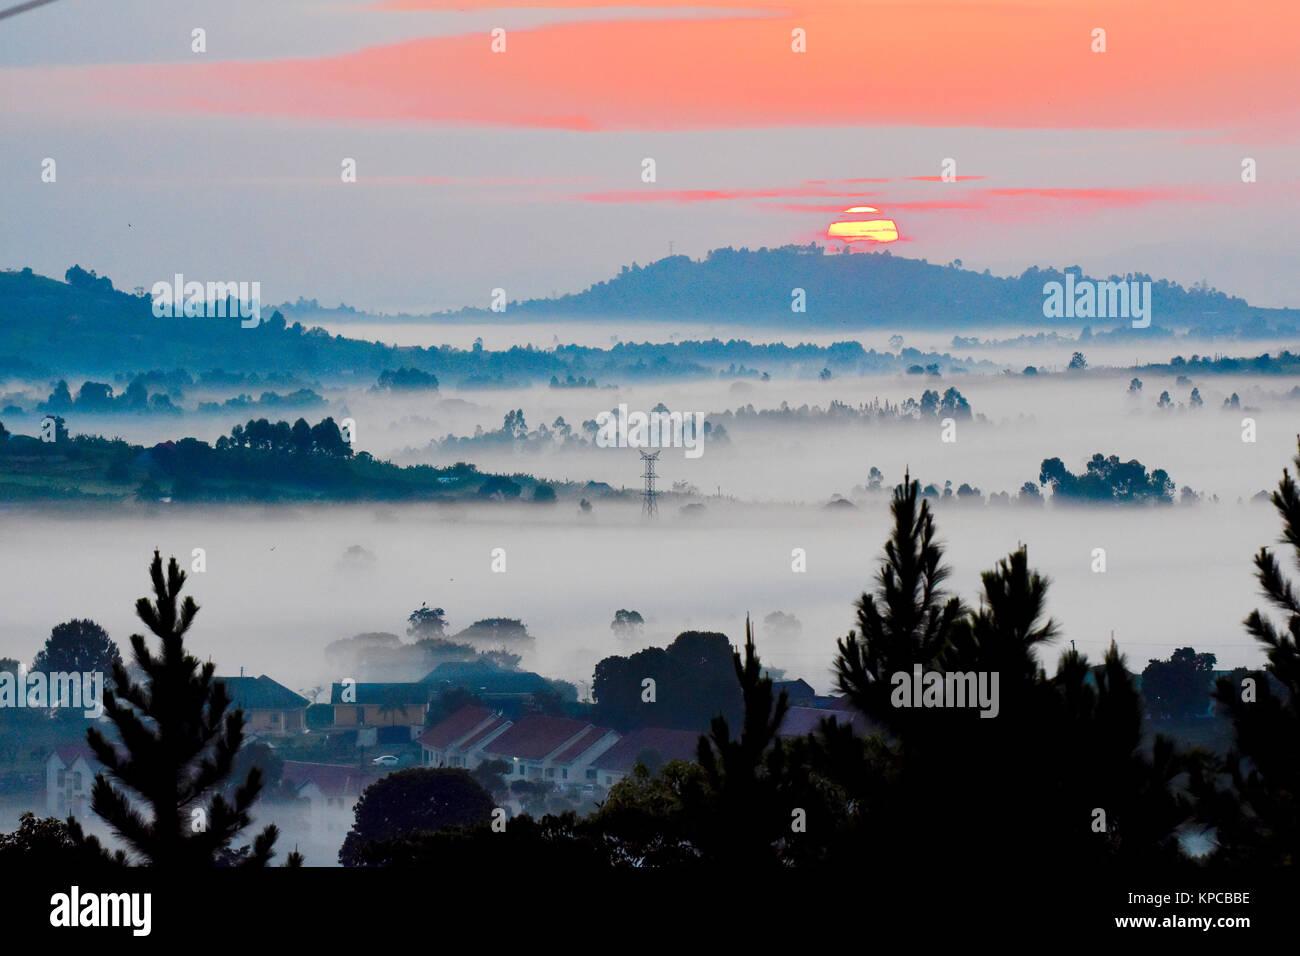 Amanecer sobre Misty valles del oeste de Uganda. Imagen De Stock